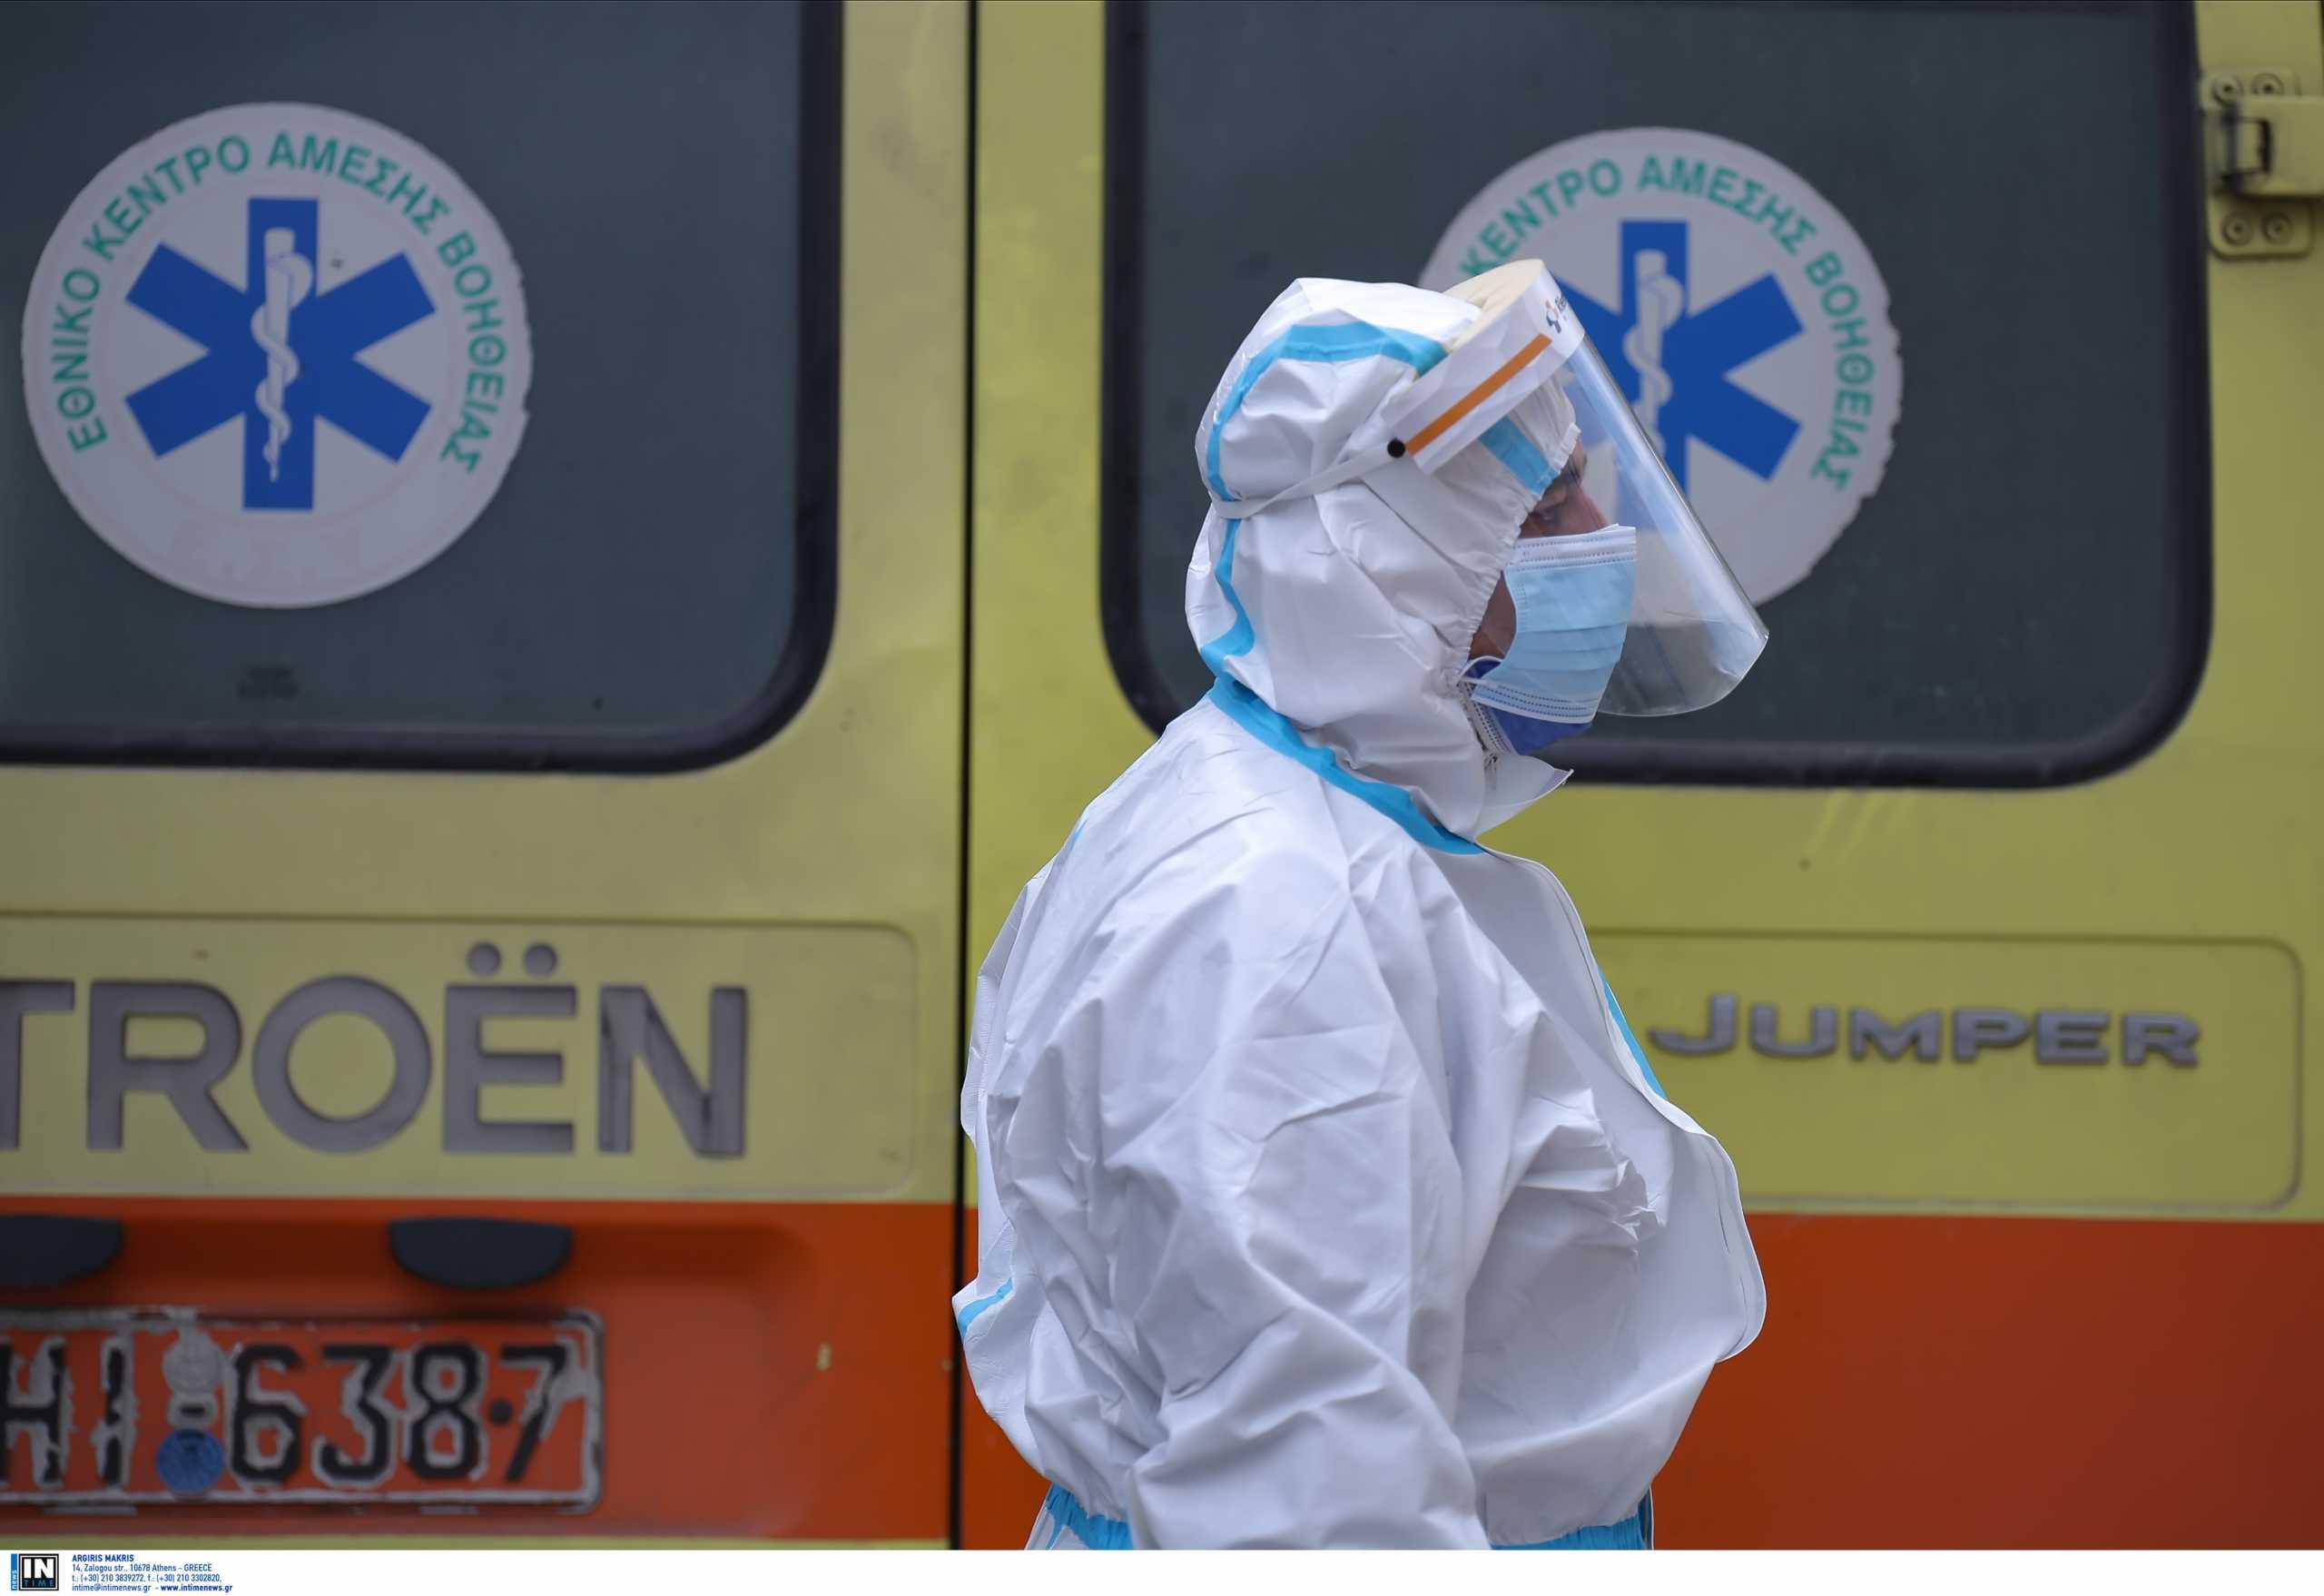 Στέλνουν ασθενείς με κορονοϊό από την Αττική στη Χαλκίδα για να αποσυμφορηθούν τα νοσοκομεία (video)